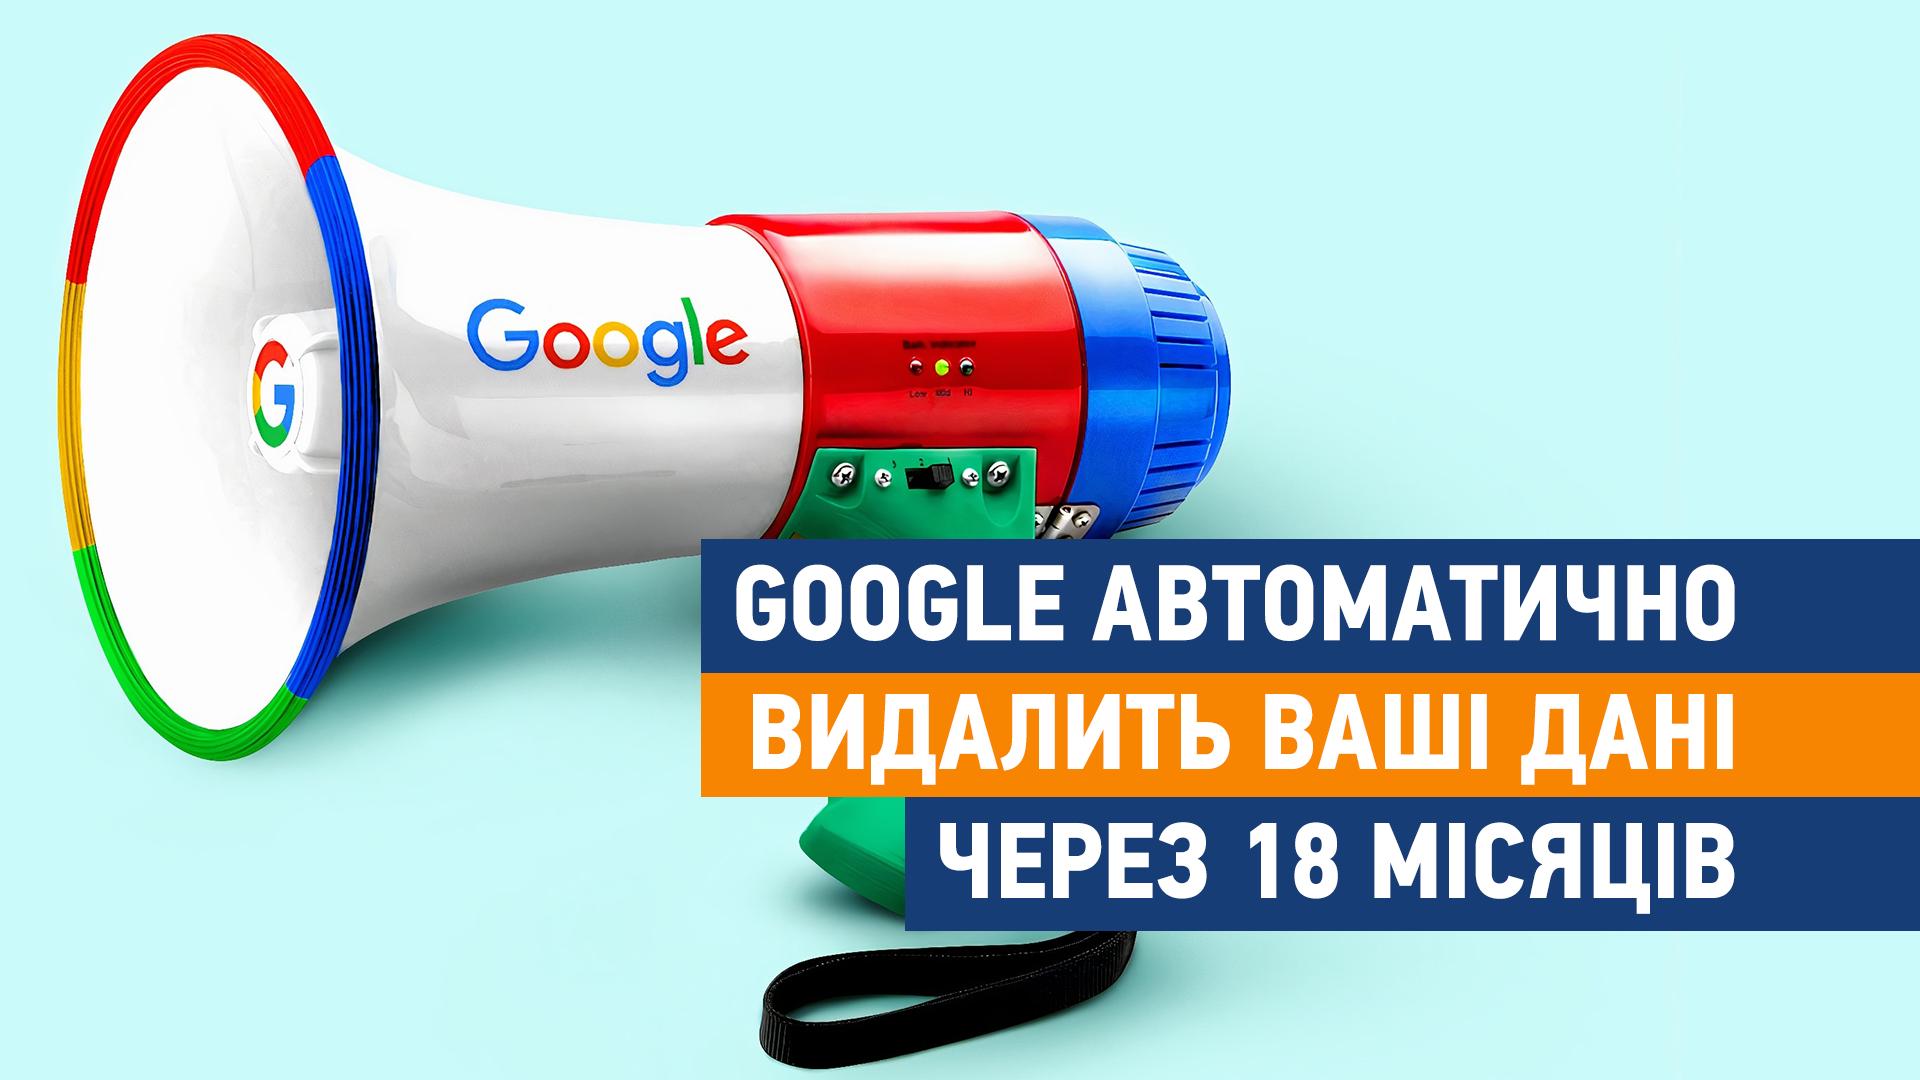 Google автоматично видалить ваші дані через 18 місяців - конфіденційність, дані, youtube, google, Chrome - google poglyad 1